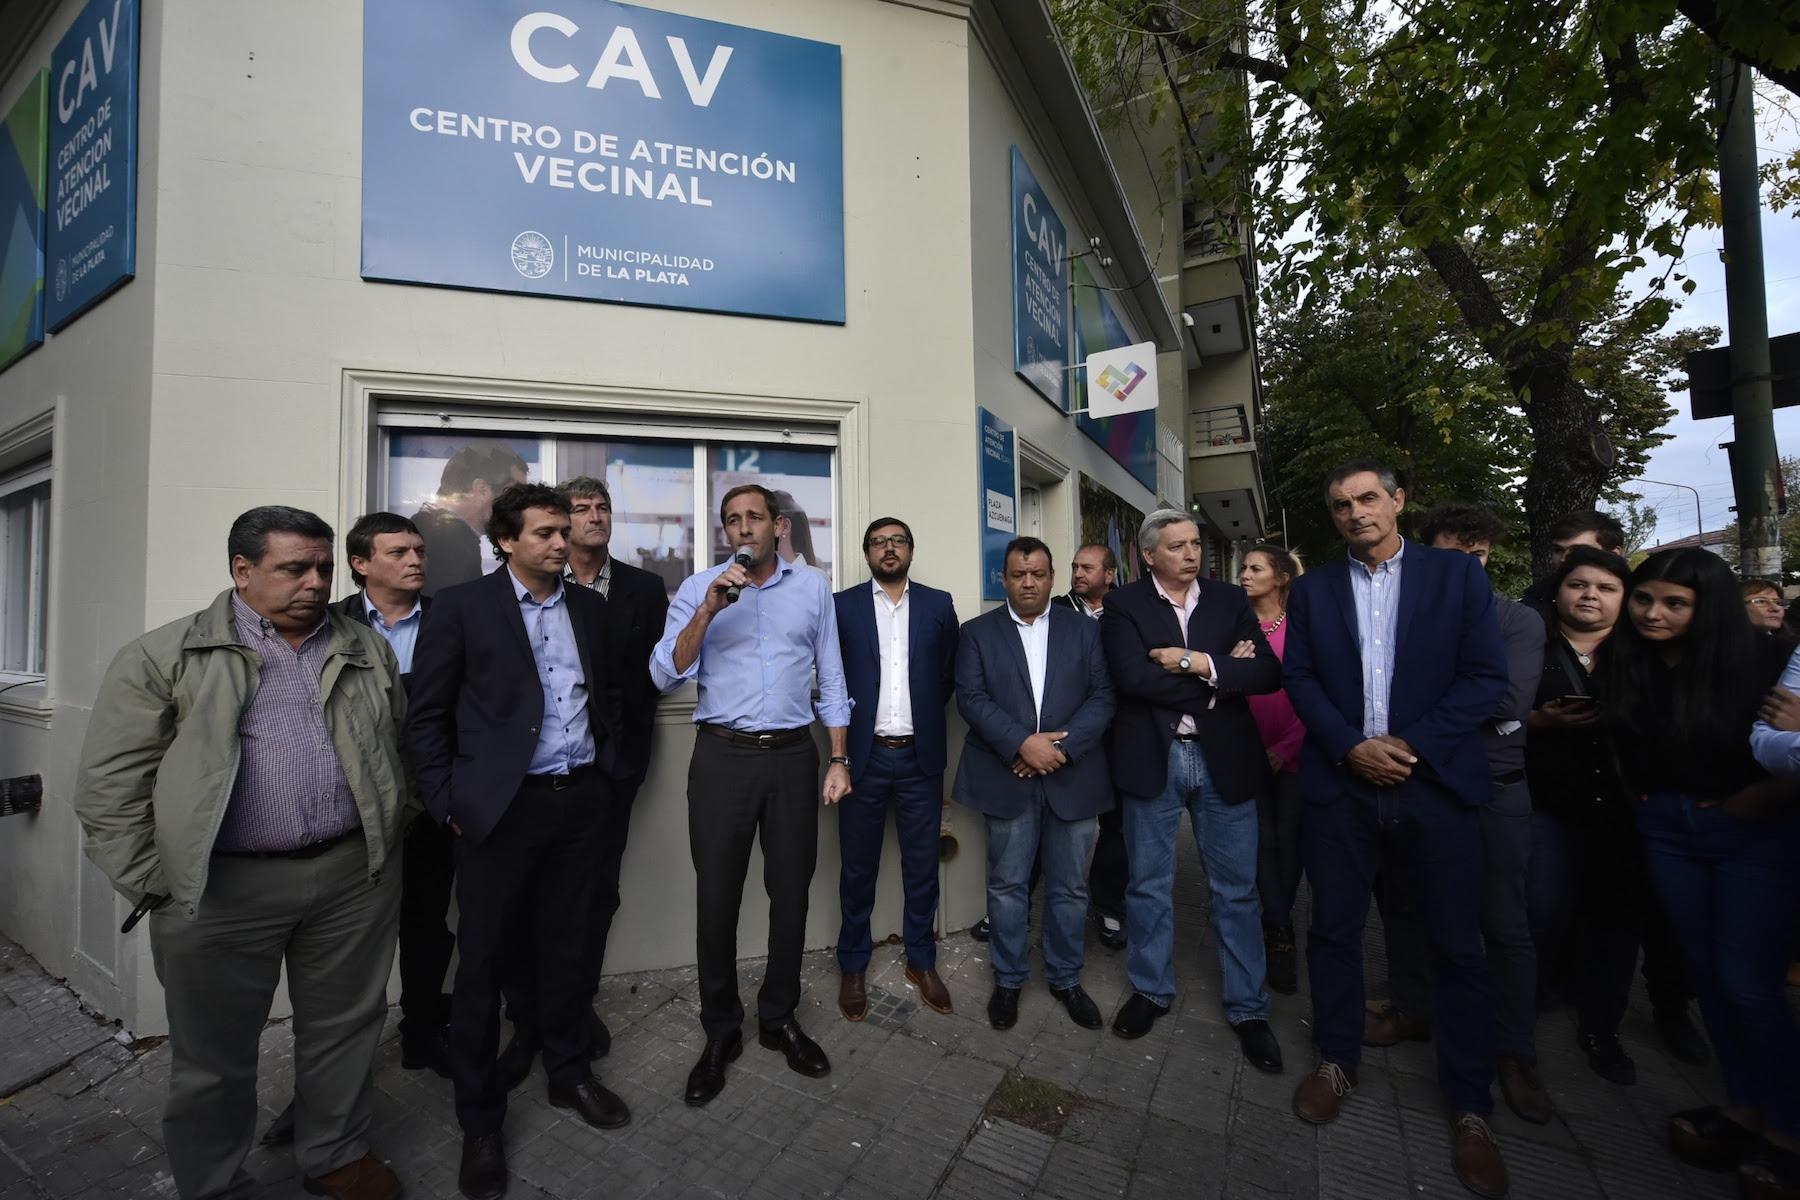 La Plata / Garro inauguró un nuevo centro de atención vecinal en 19 y 45